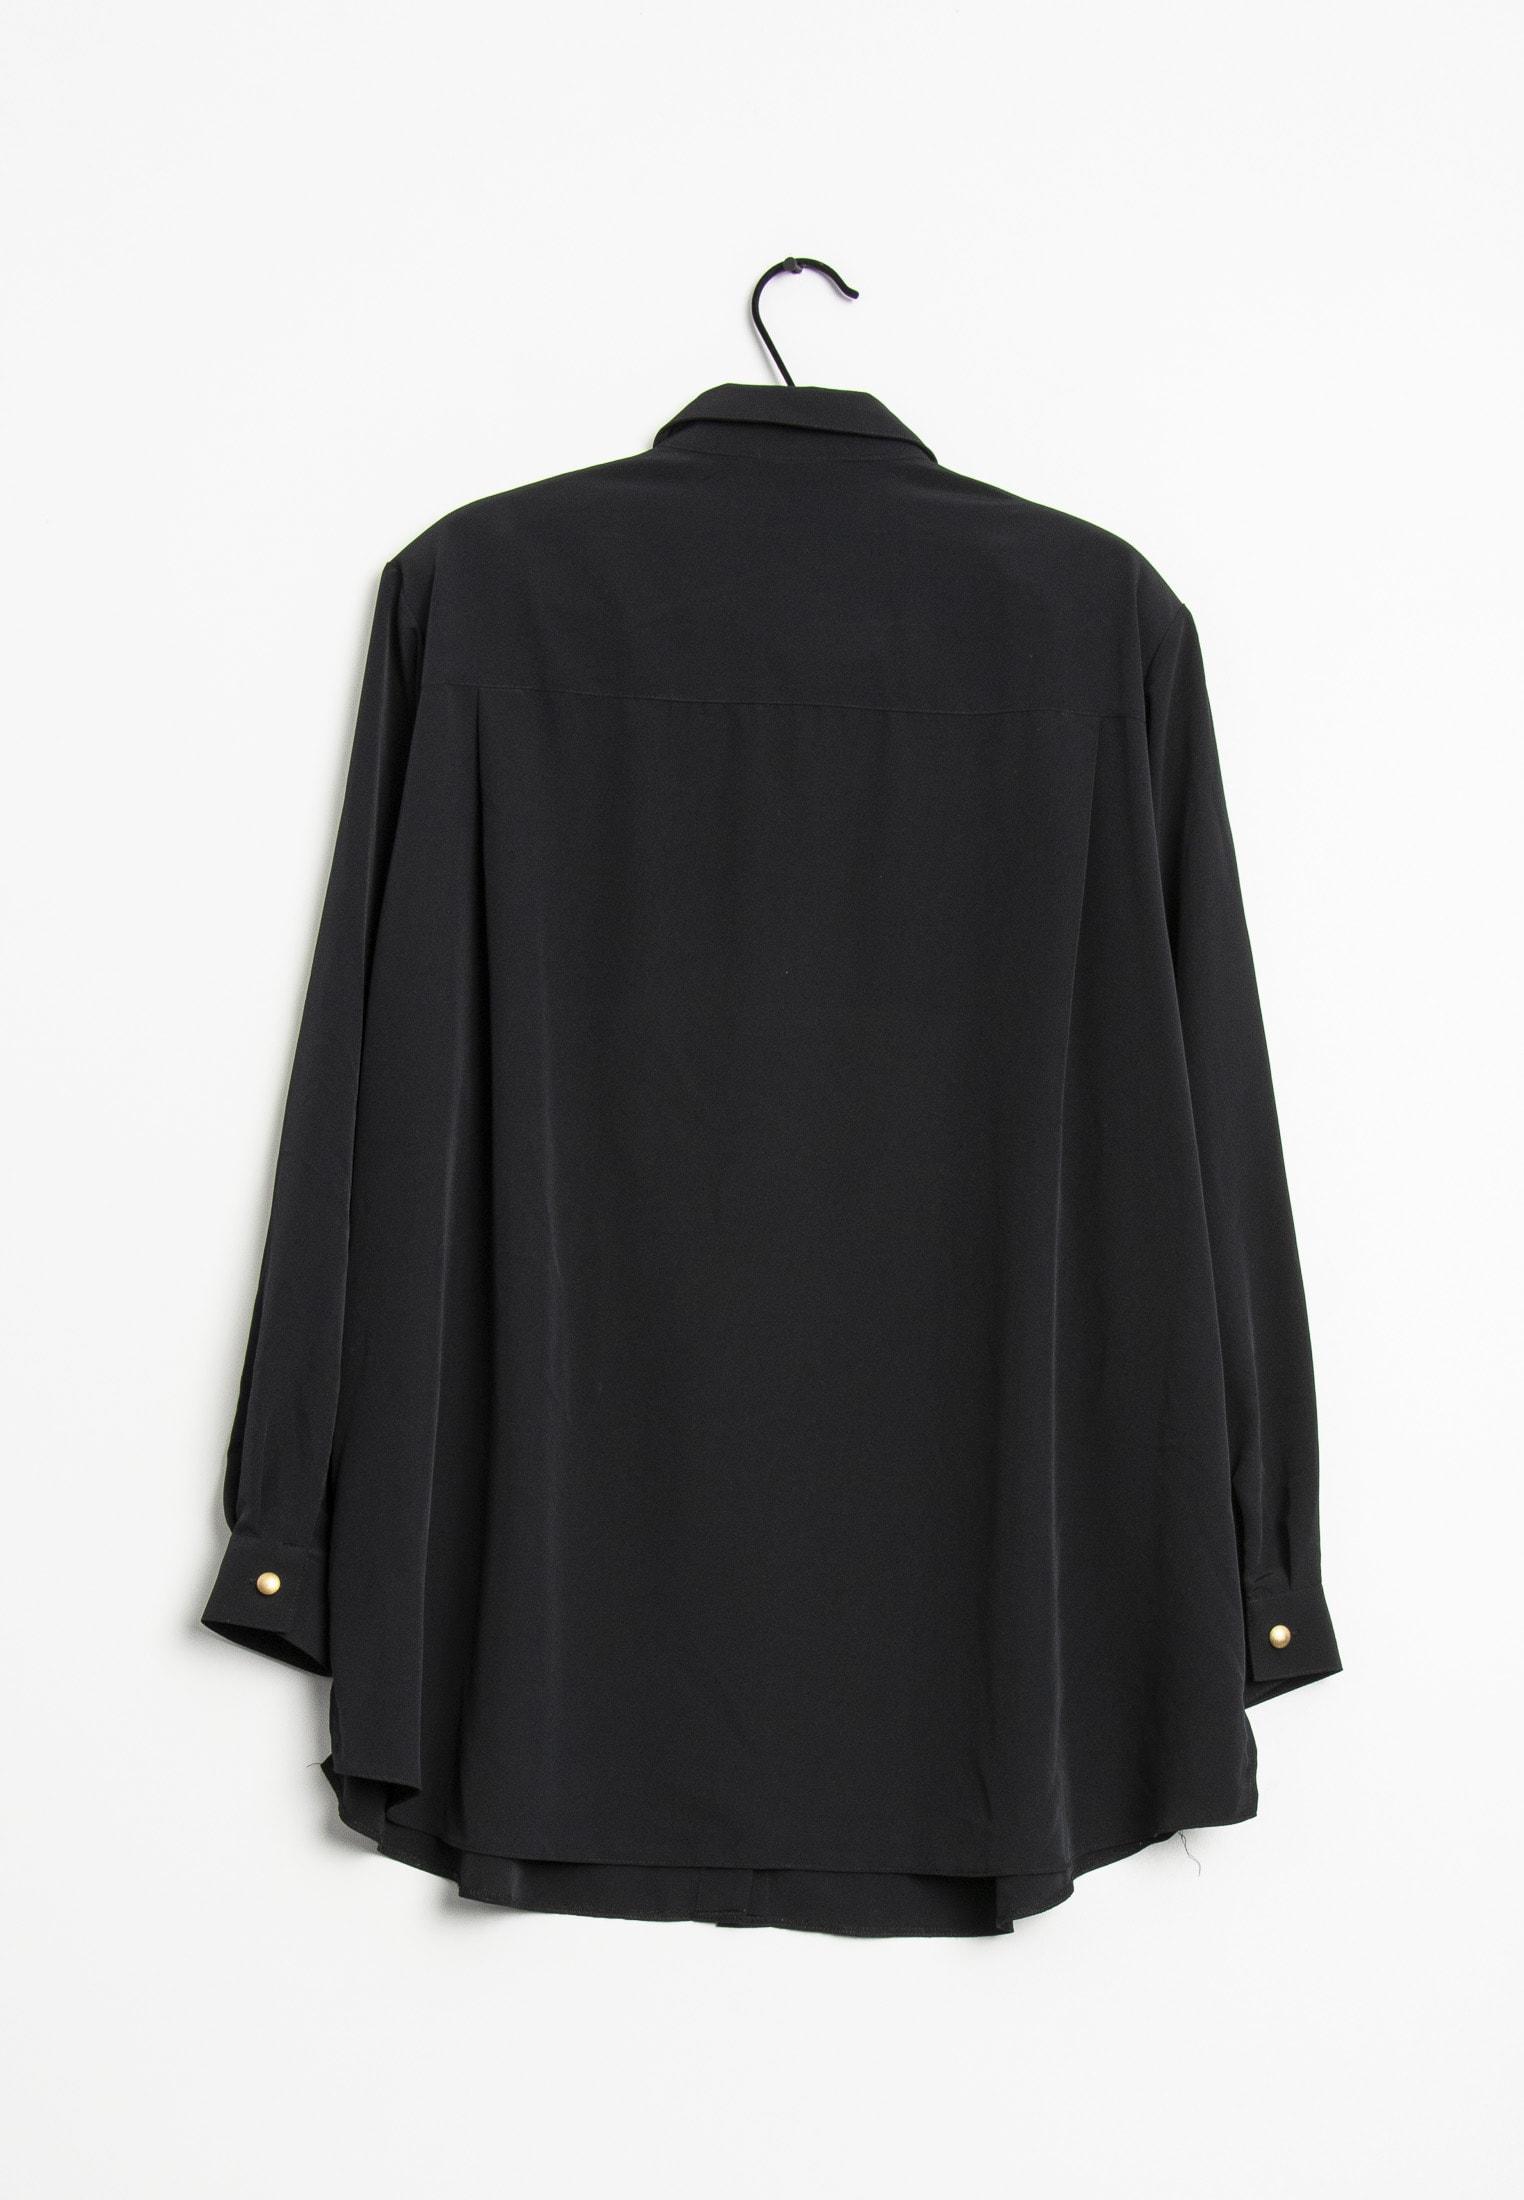 DORIS STREICH Bluse Schwarz Gr.50